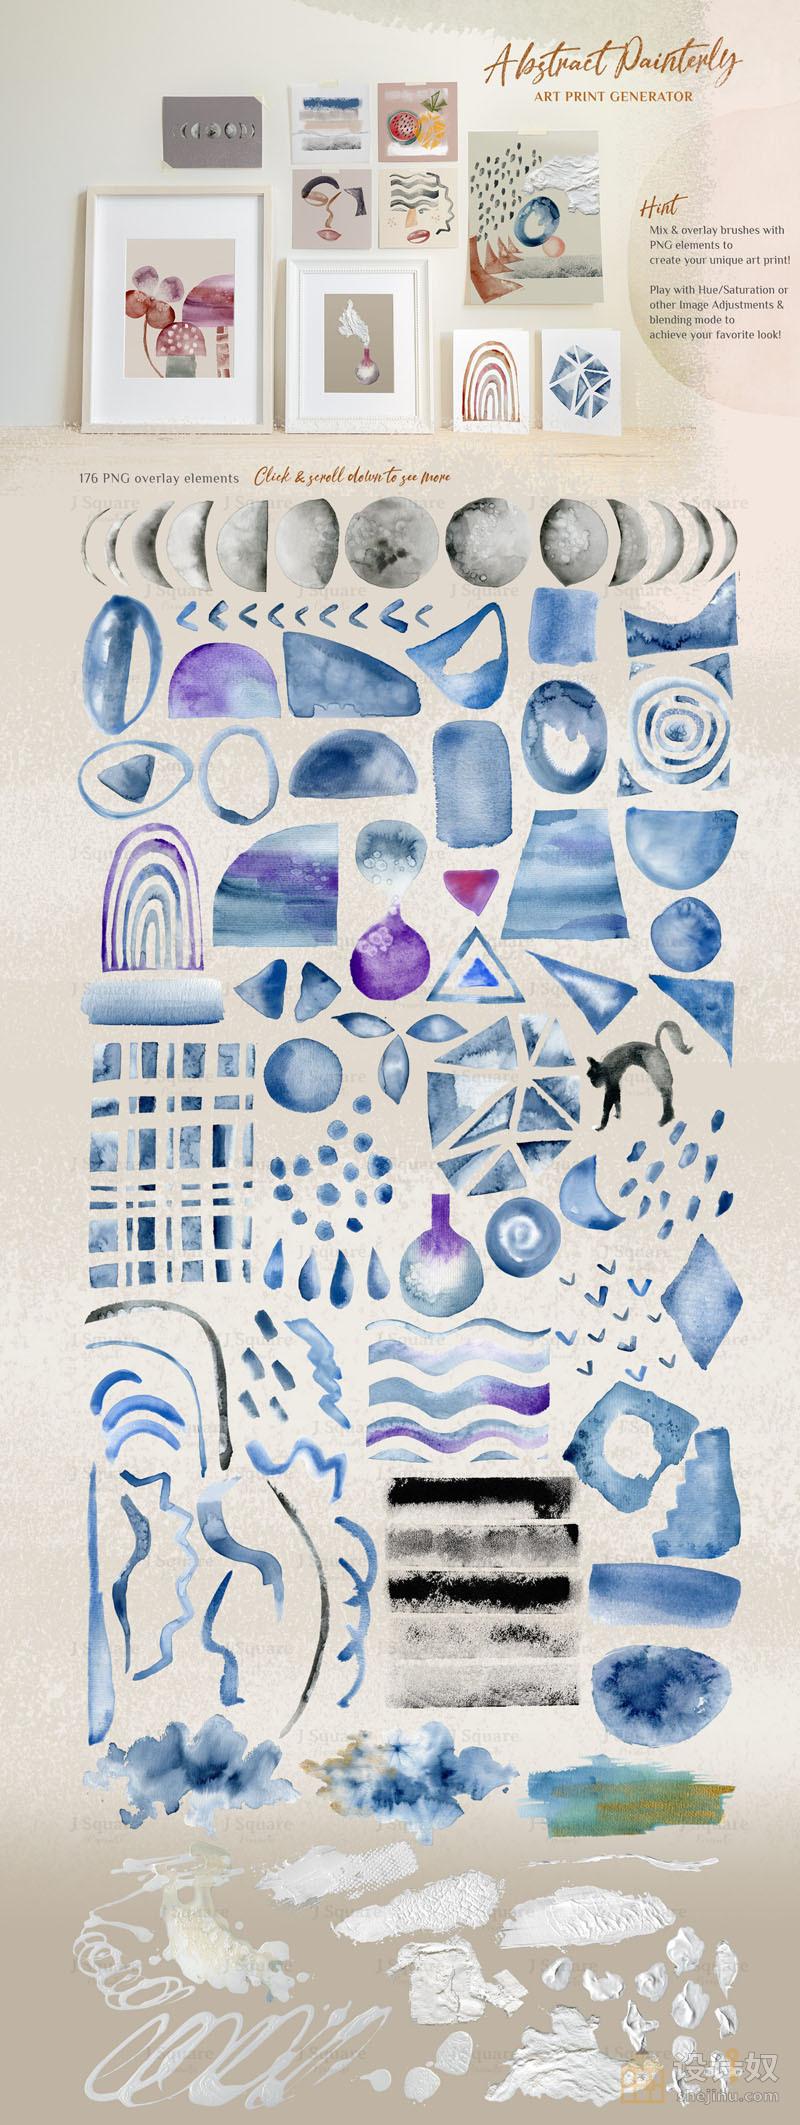 190个抽象水彩PSD笔刷+179个PNG免抠图水彩素材透明素材